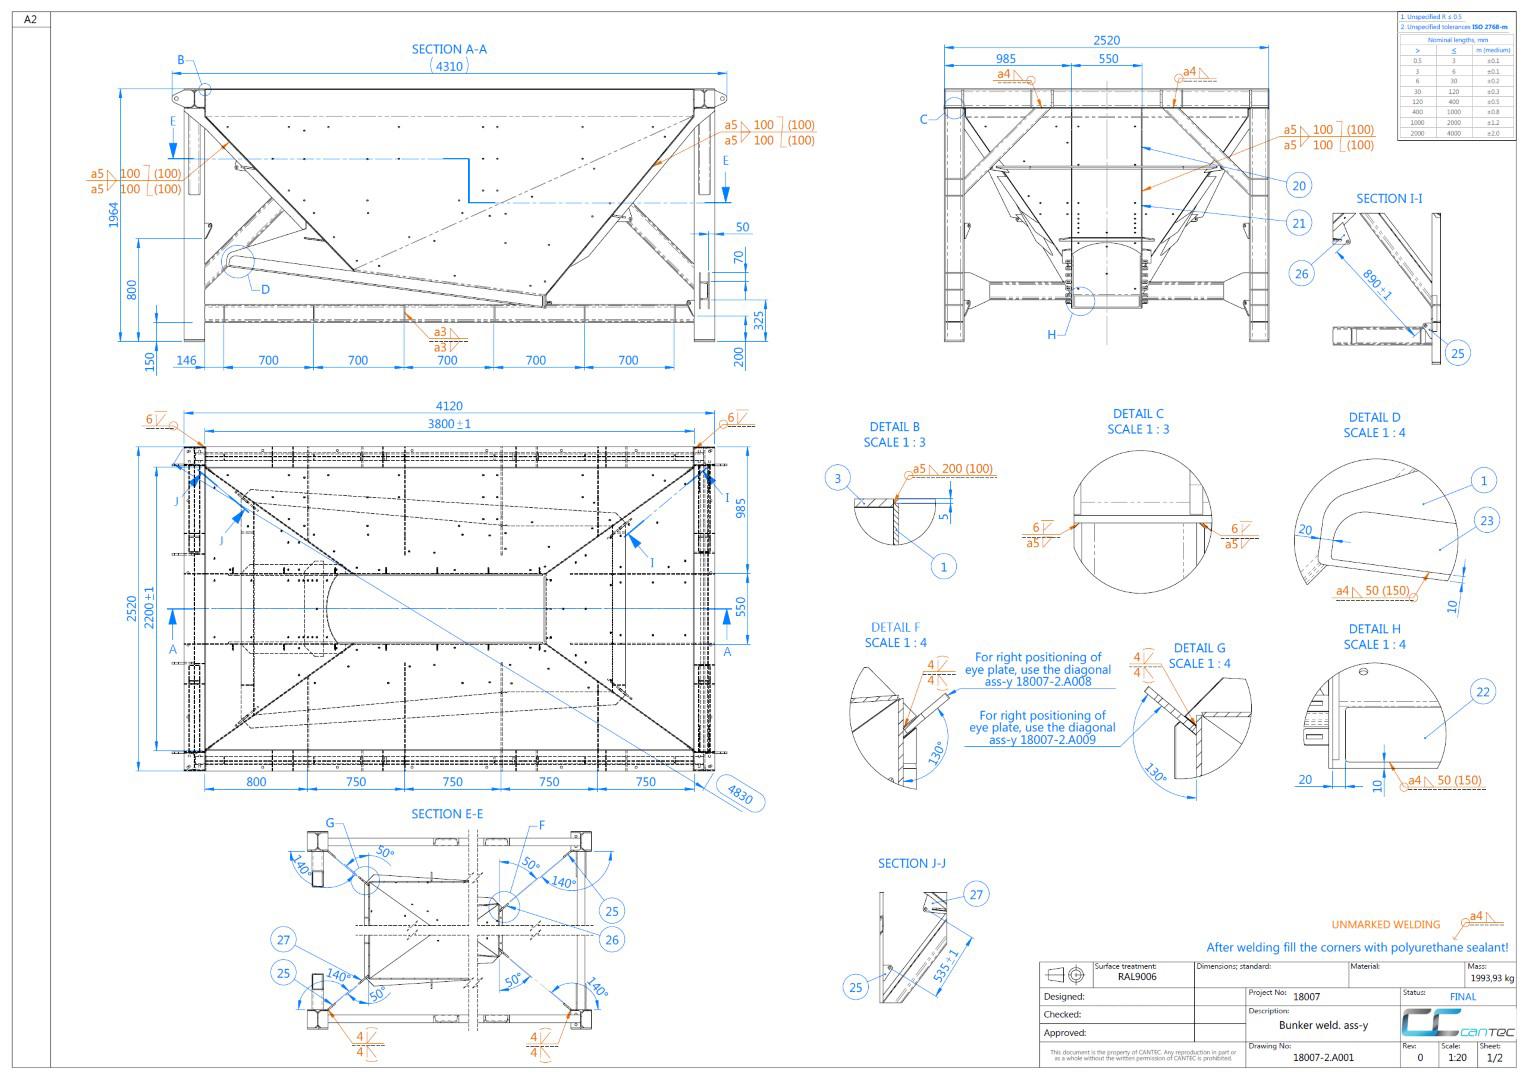 Joonised CAD drawings jooniste vormistamin